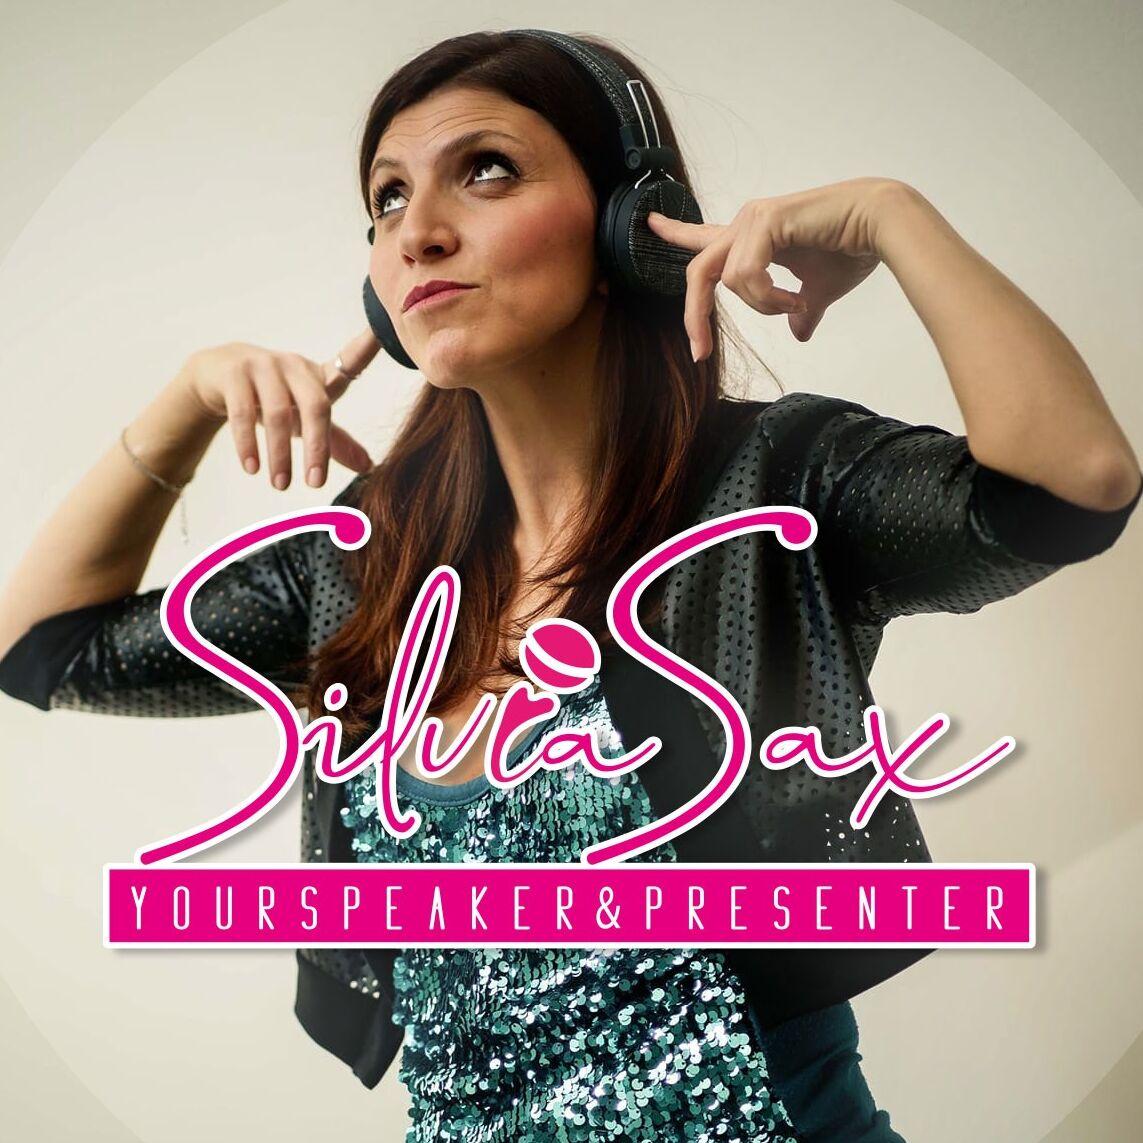 Silvia Sax